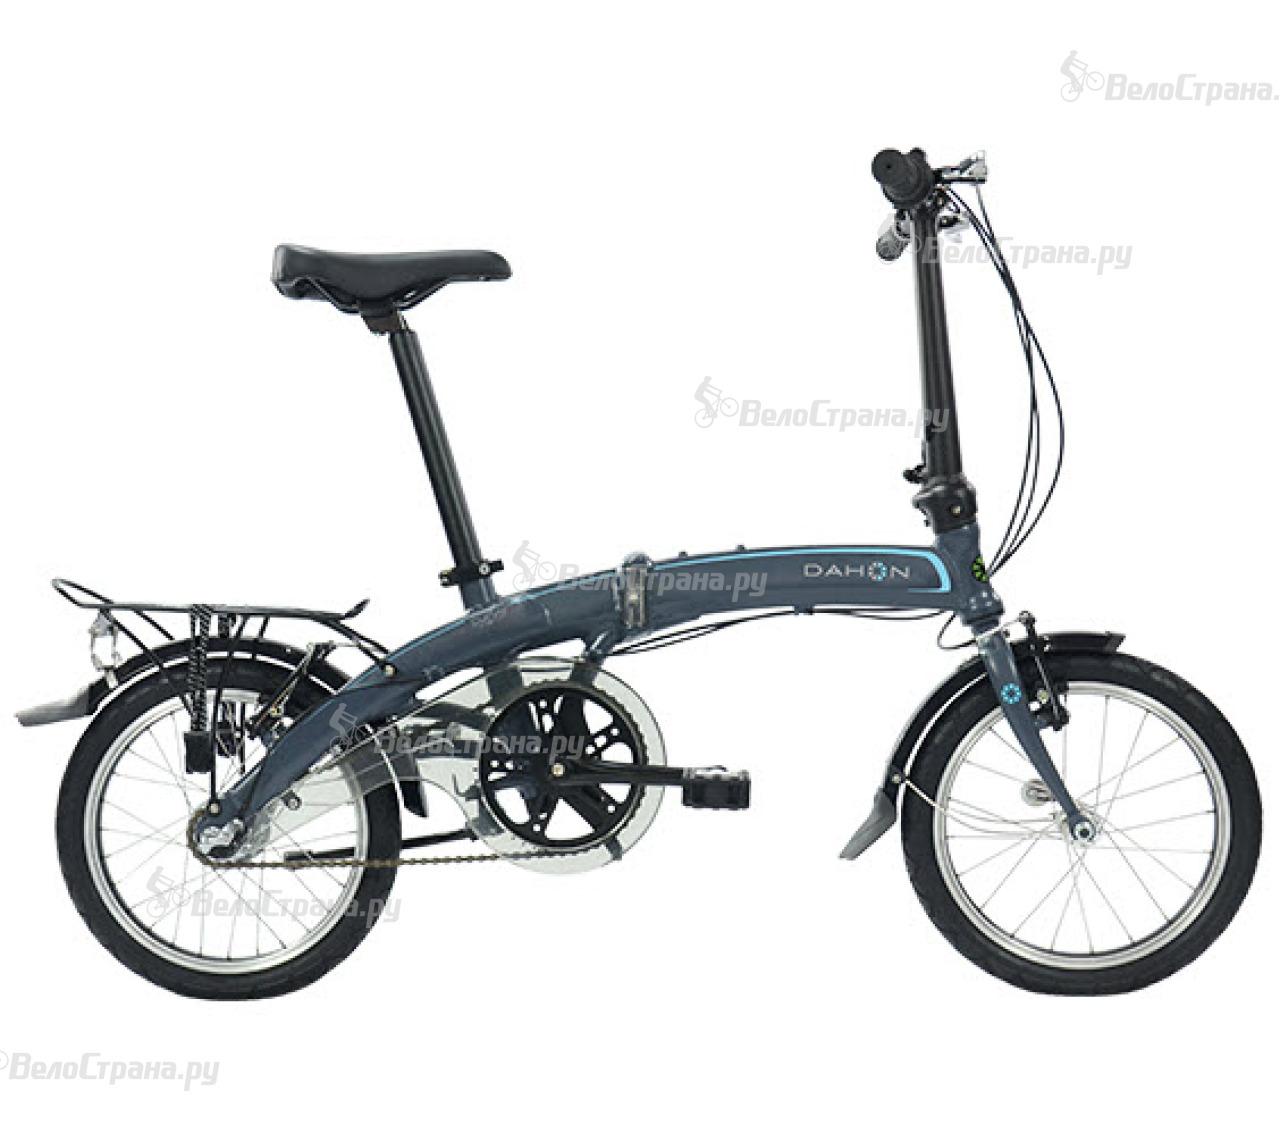 все цены на Велосипед Dahon Curve I3 16 (2016) онлайн